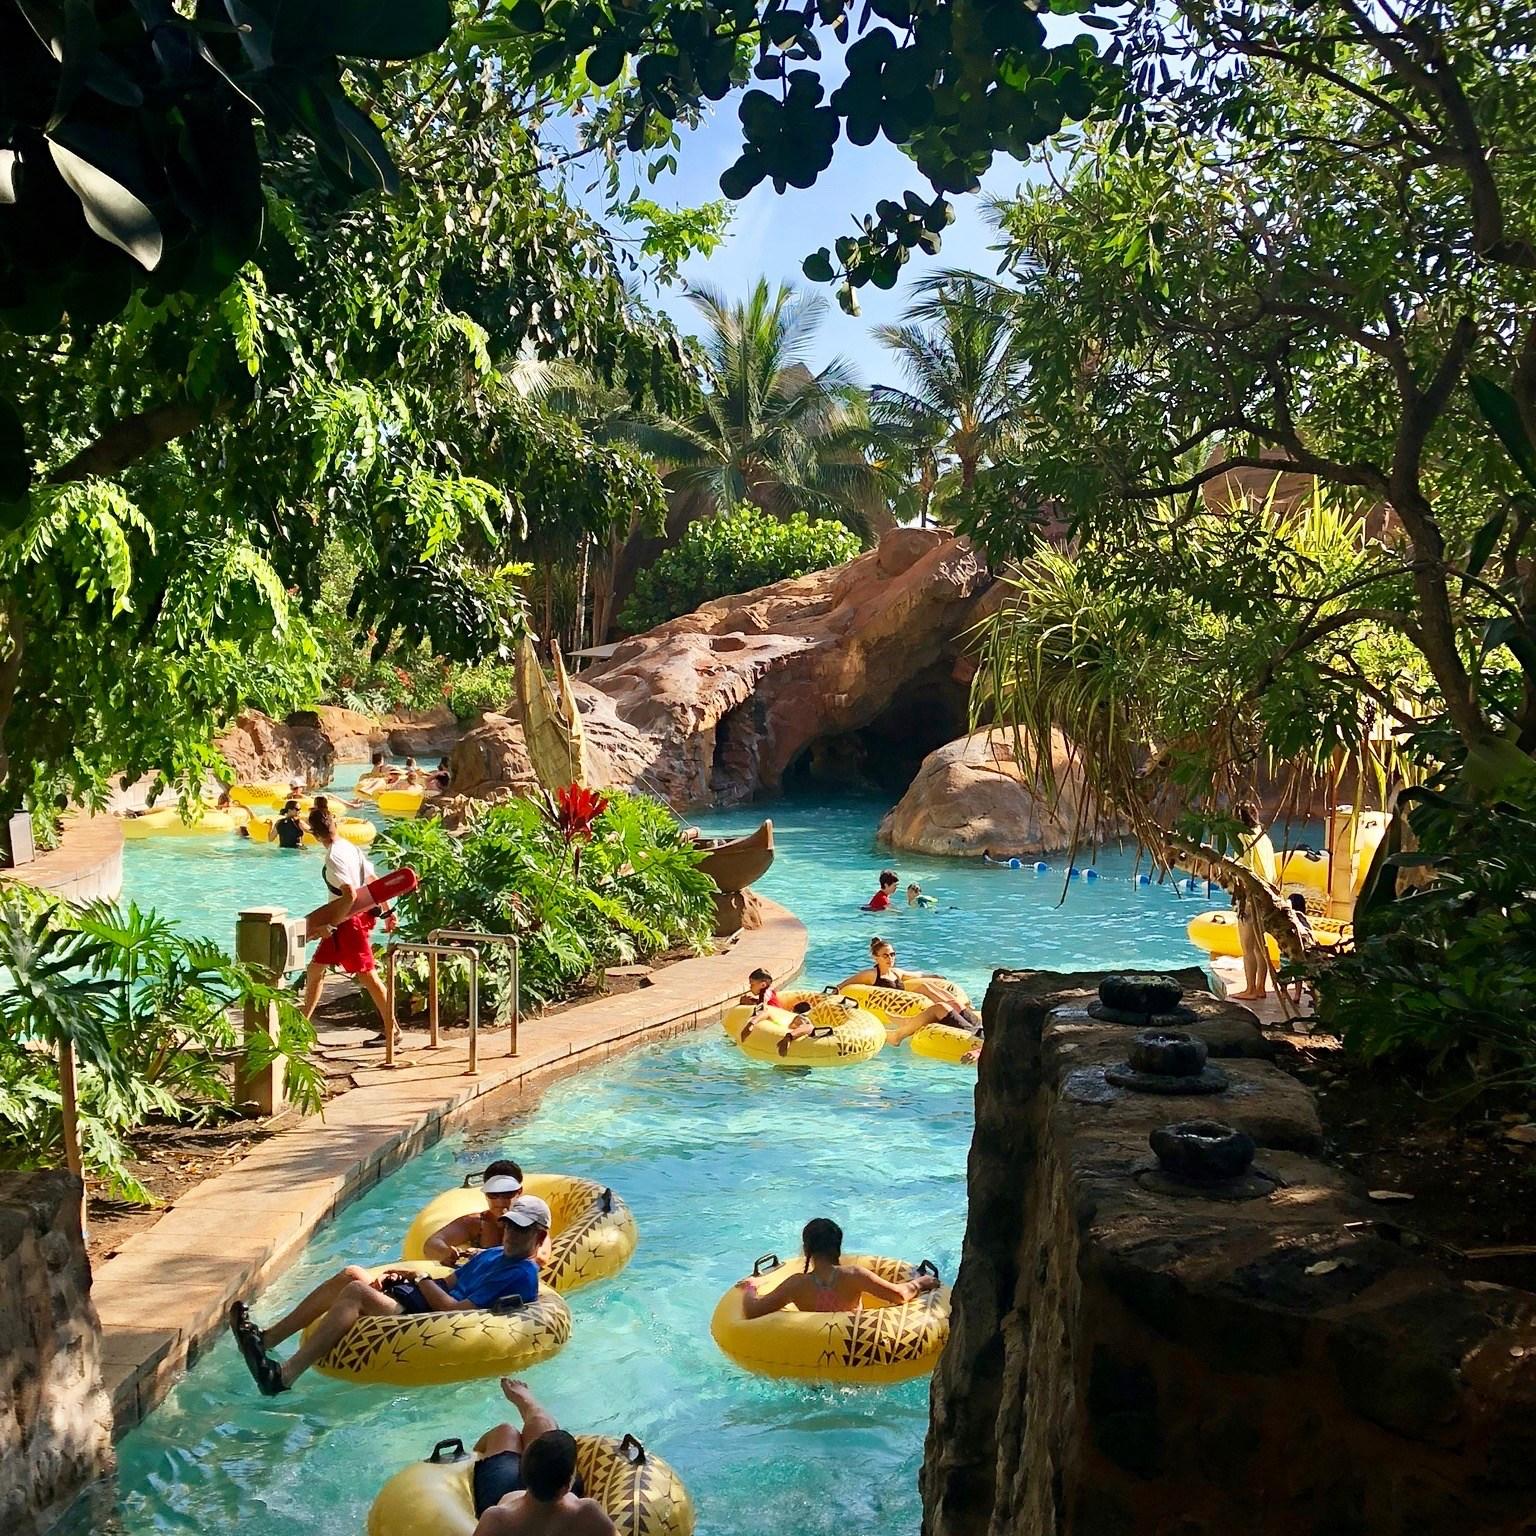 Aulani Disney Hawaii: Tipps und Tricks für eure Reise